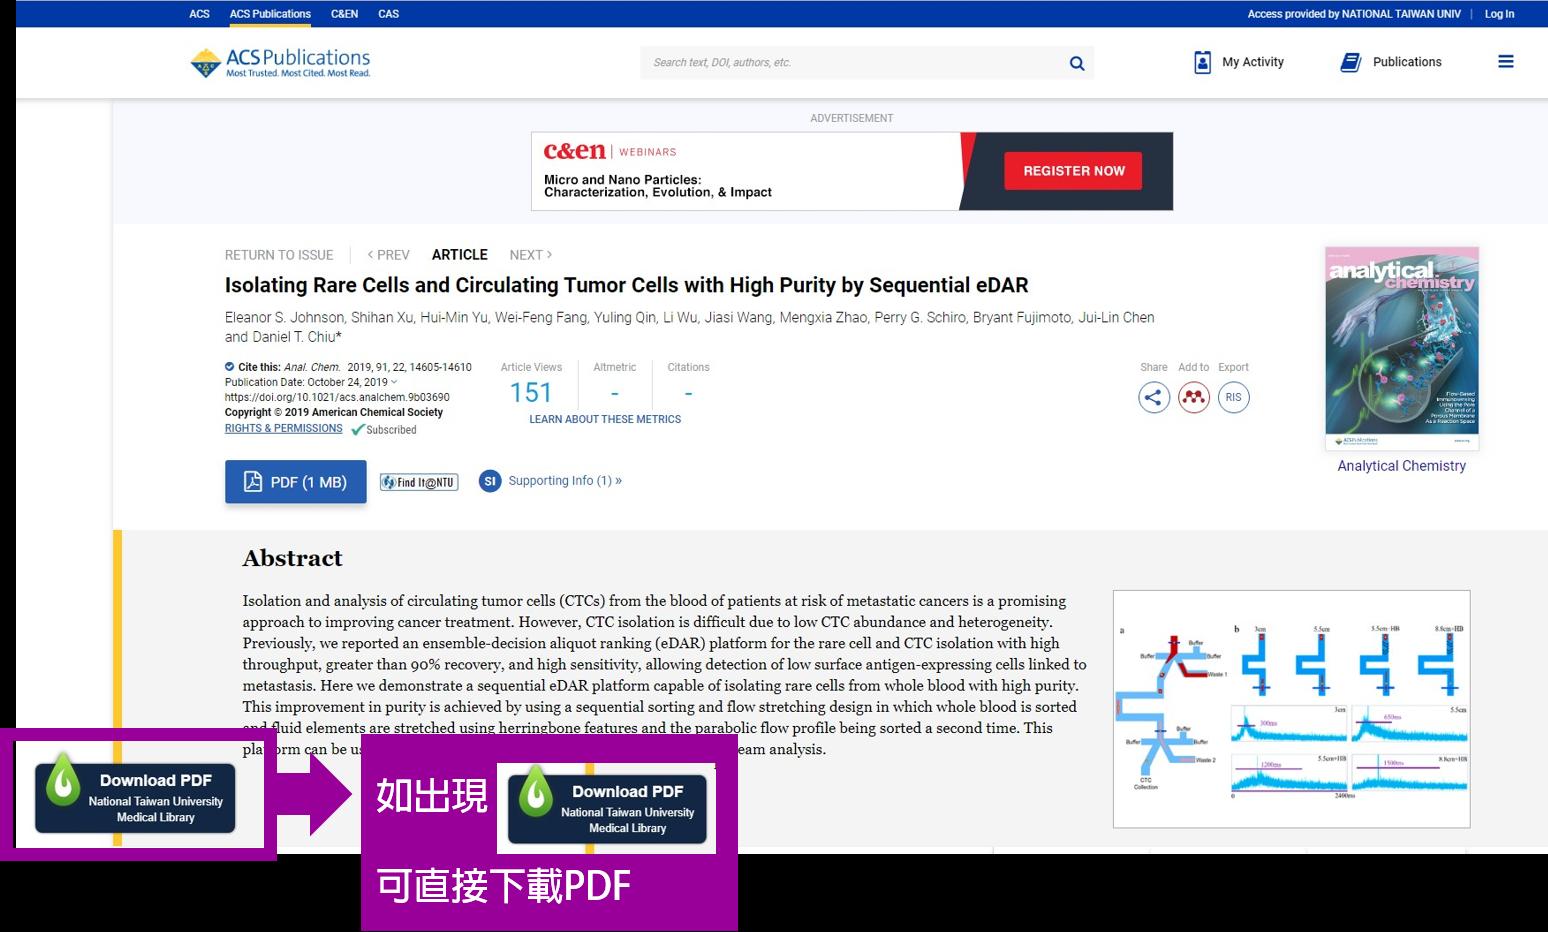 使用Chrome瀏覽器開啟任何網頁,如果偵測到網頁中含有臺大醫圖的電子期刊館藏,將同步顯示於畫面左下角